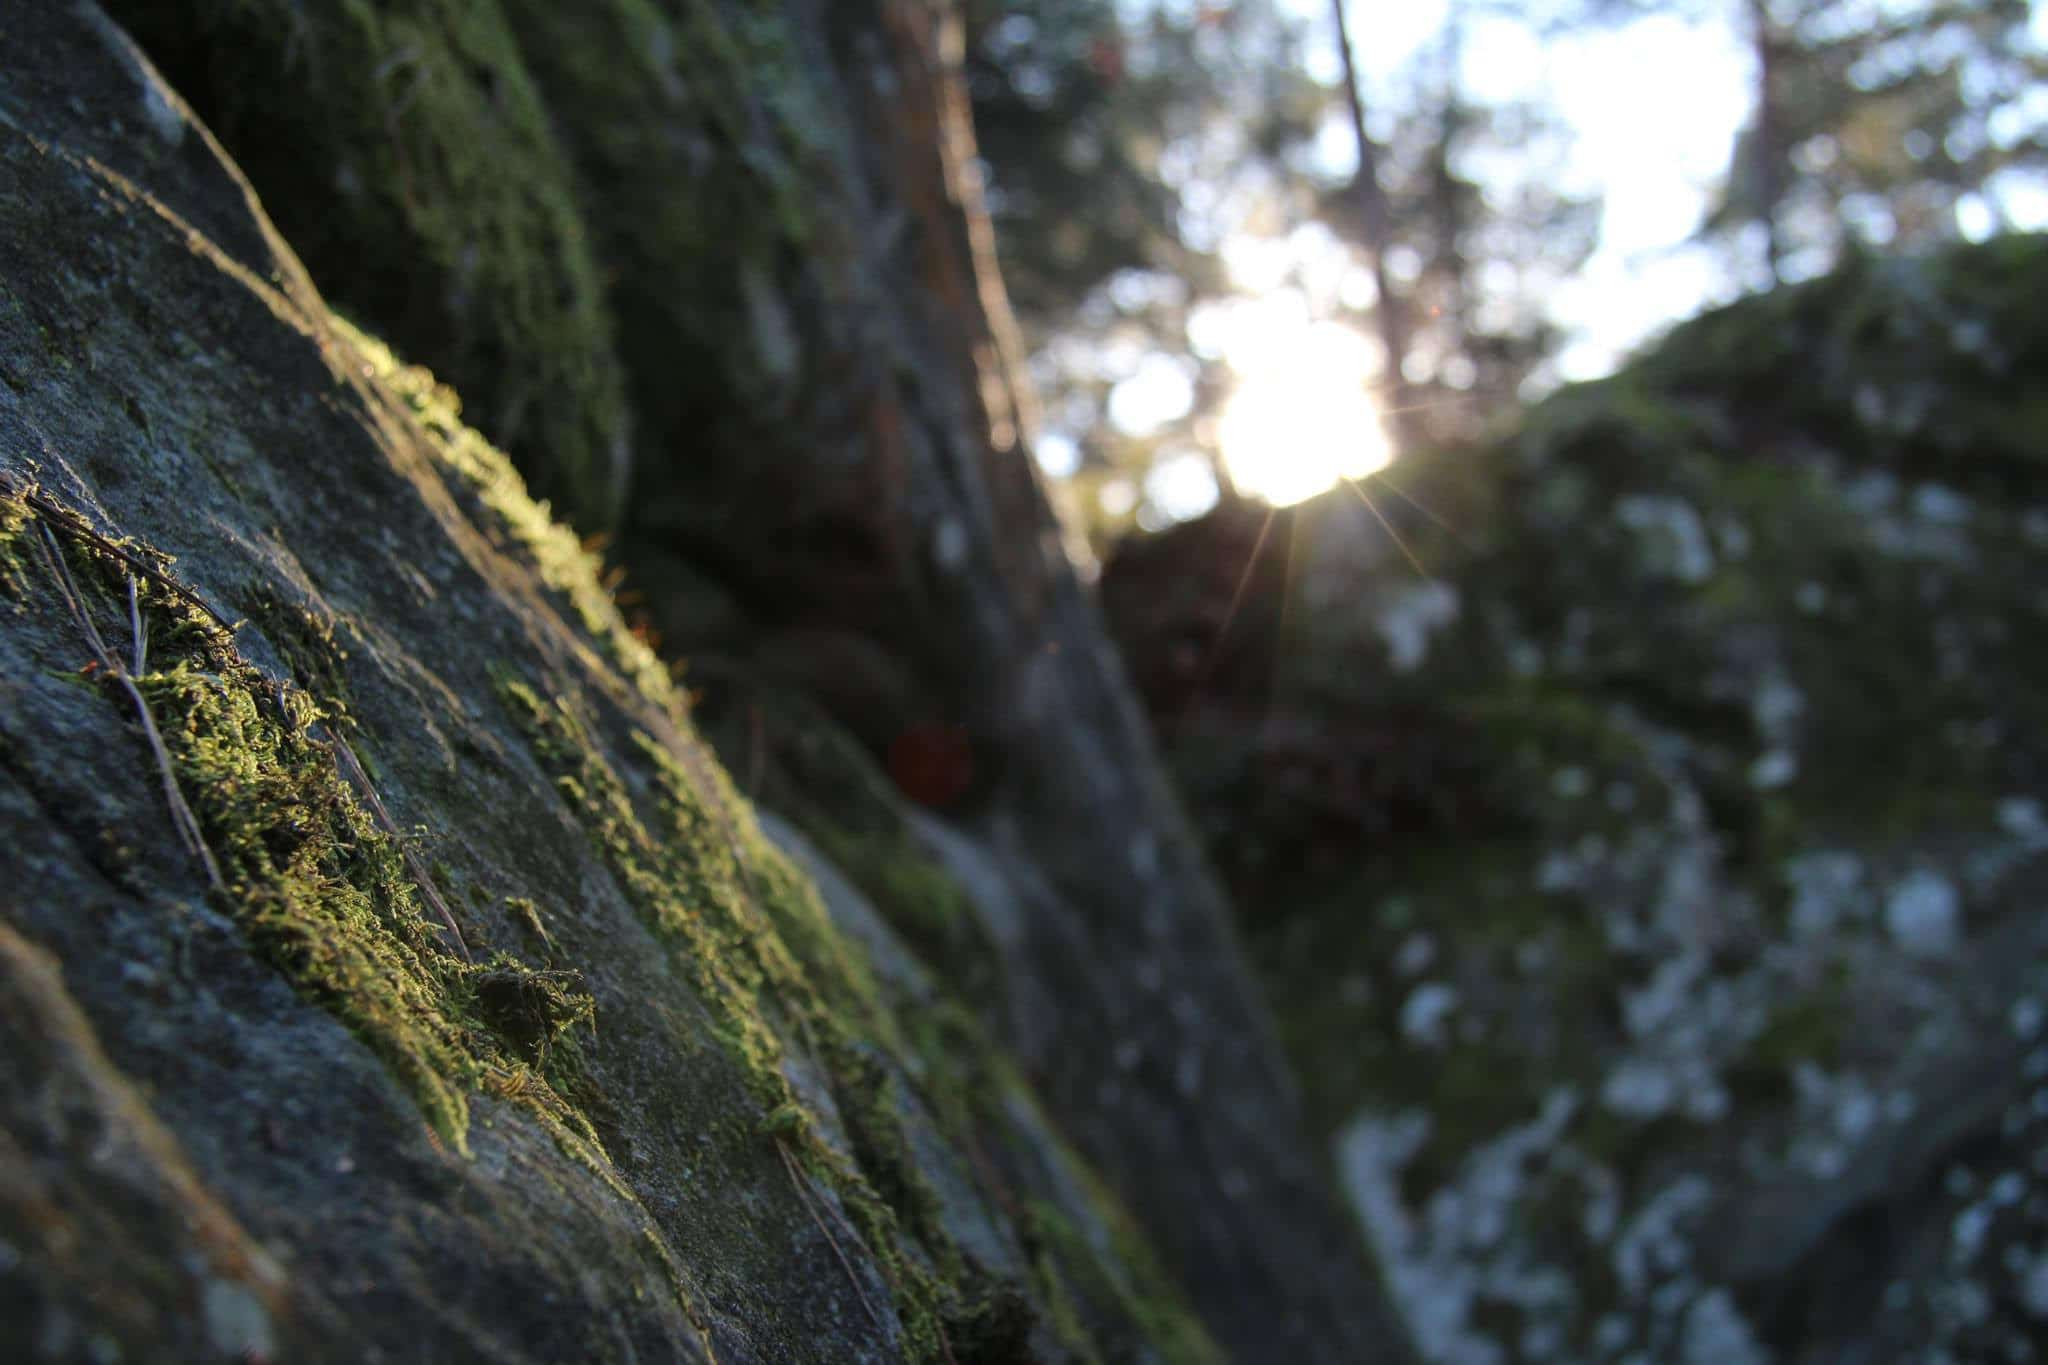 Simon Lorenzi fait sensation à Fontainebleau en signant le deuxième 9A bloc de l'histoire de l'escalade. Le grimpeur belge n'a pas fini de nous surprendre...